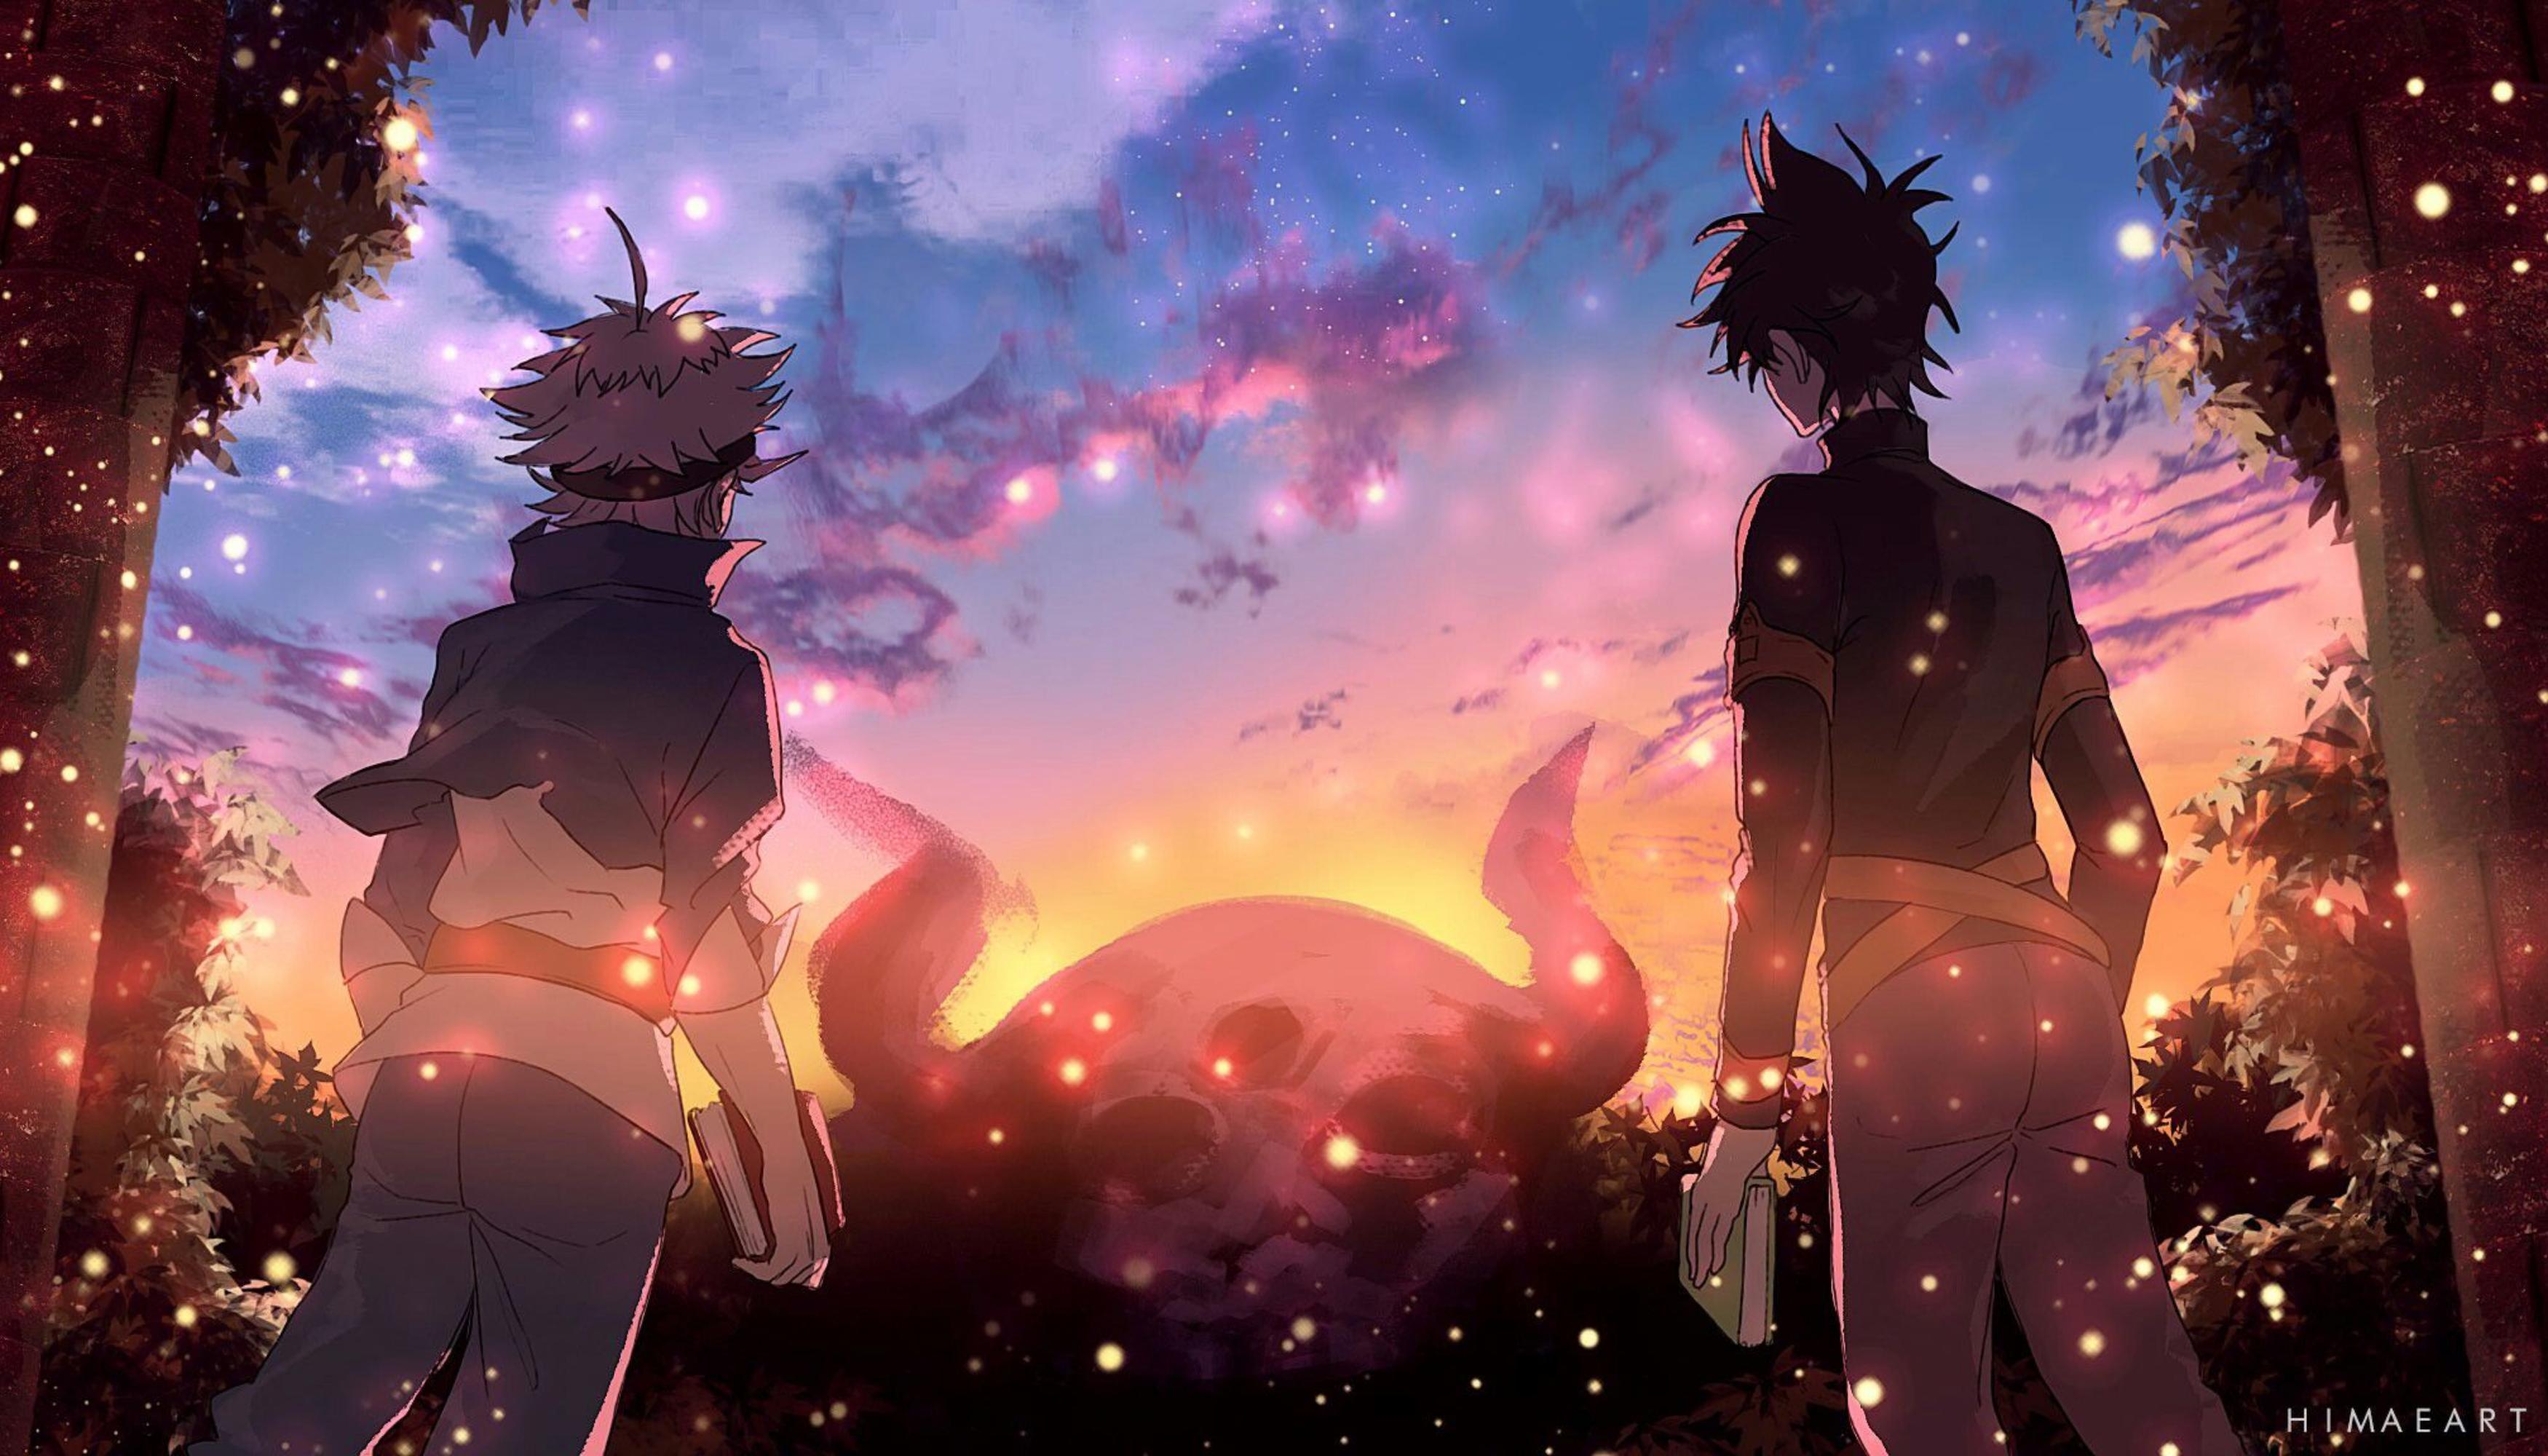 Wallpaper anime boys asta yuno Black Clover 3500x2000 3500x2000